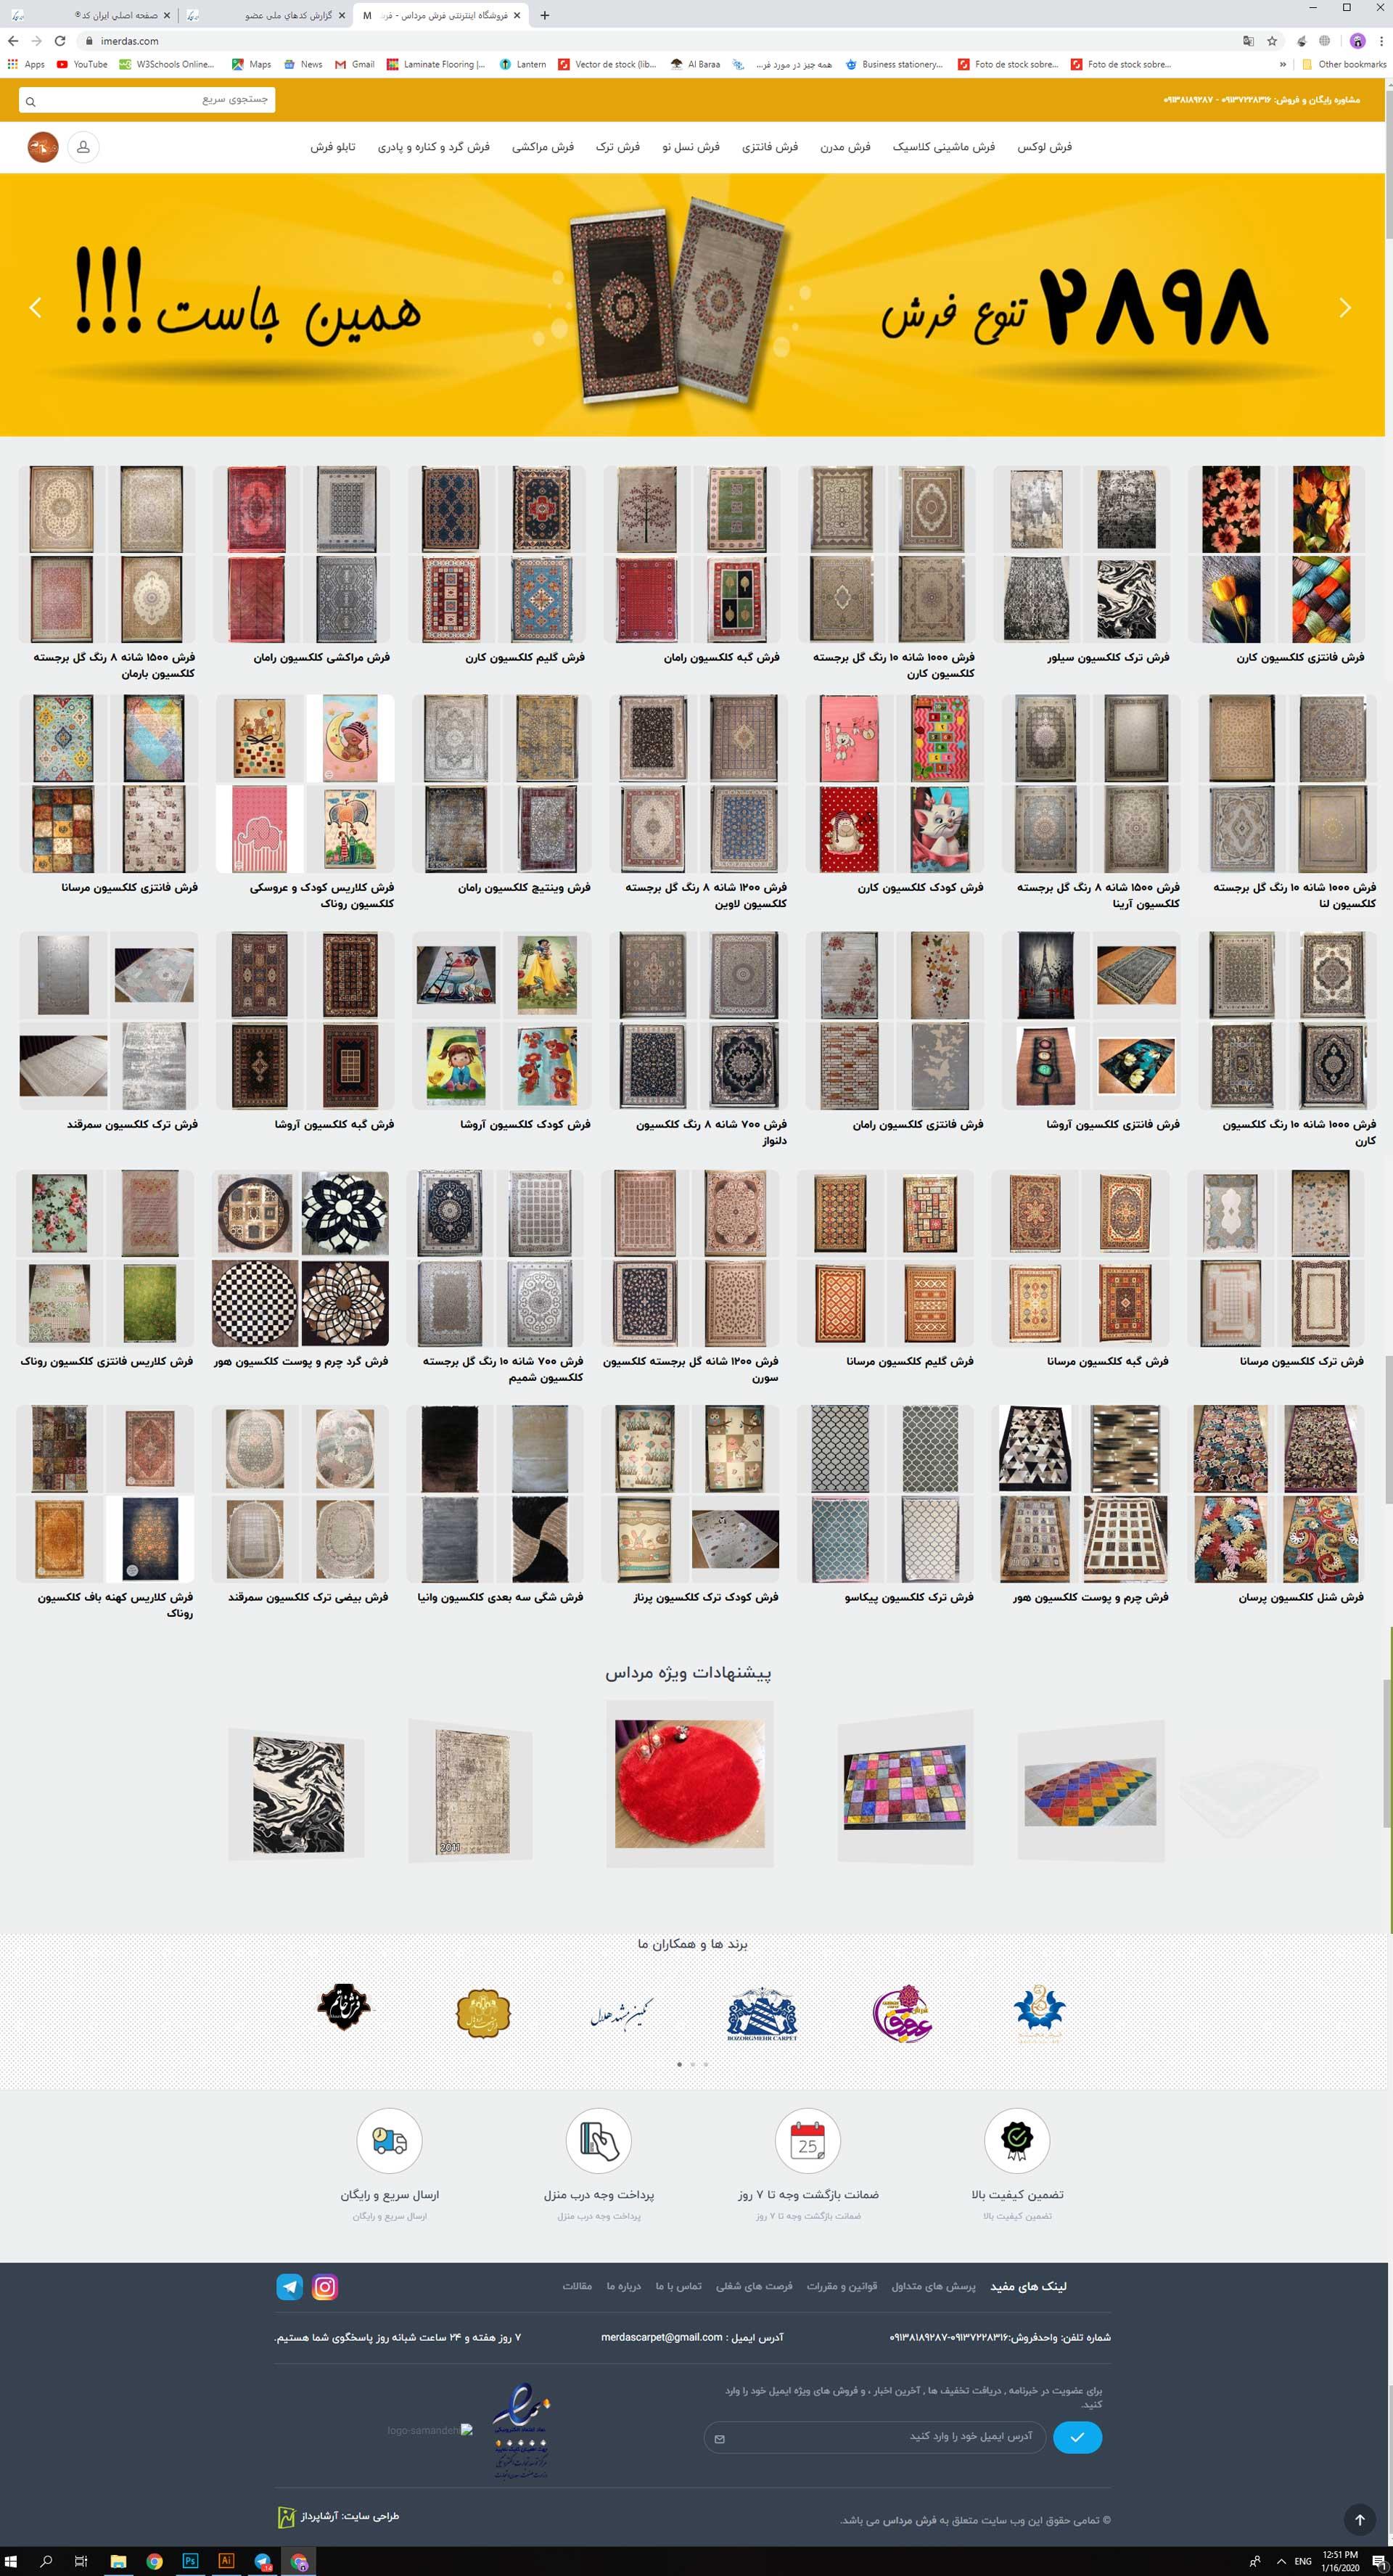 طراحی قالب سوم فرش مرداس